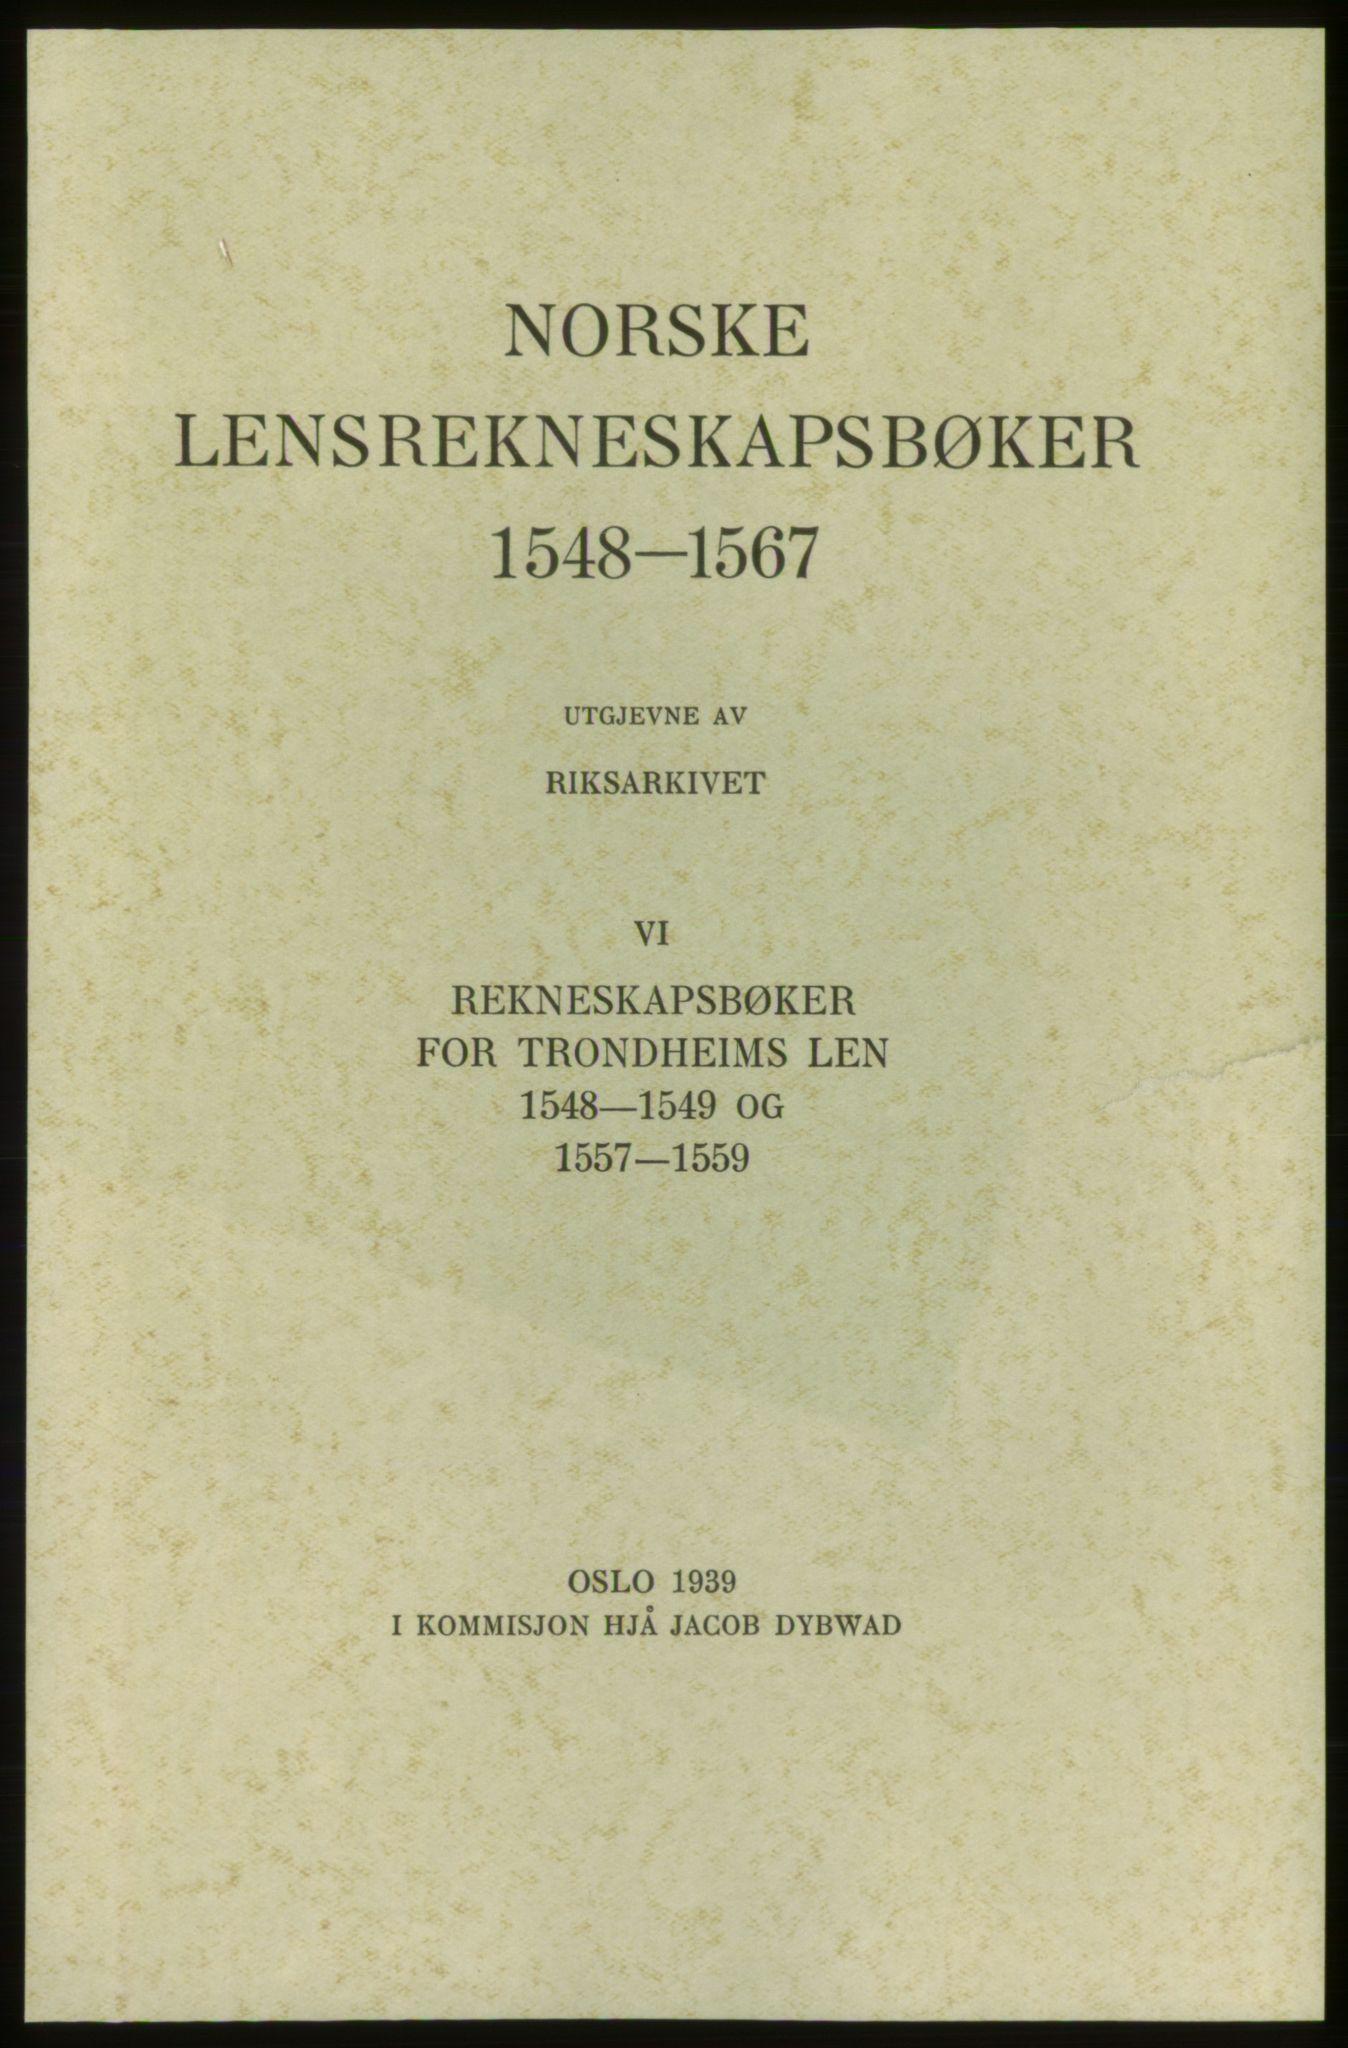 RA, Norske Lensrekneskapsbøker (publikasjon)*, 1548-1559